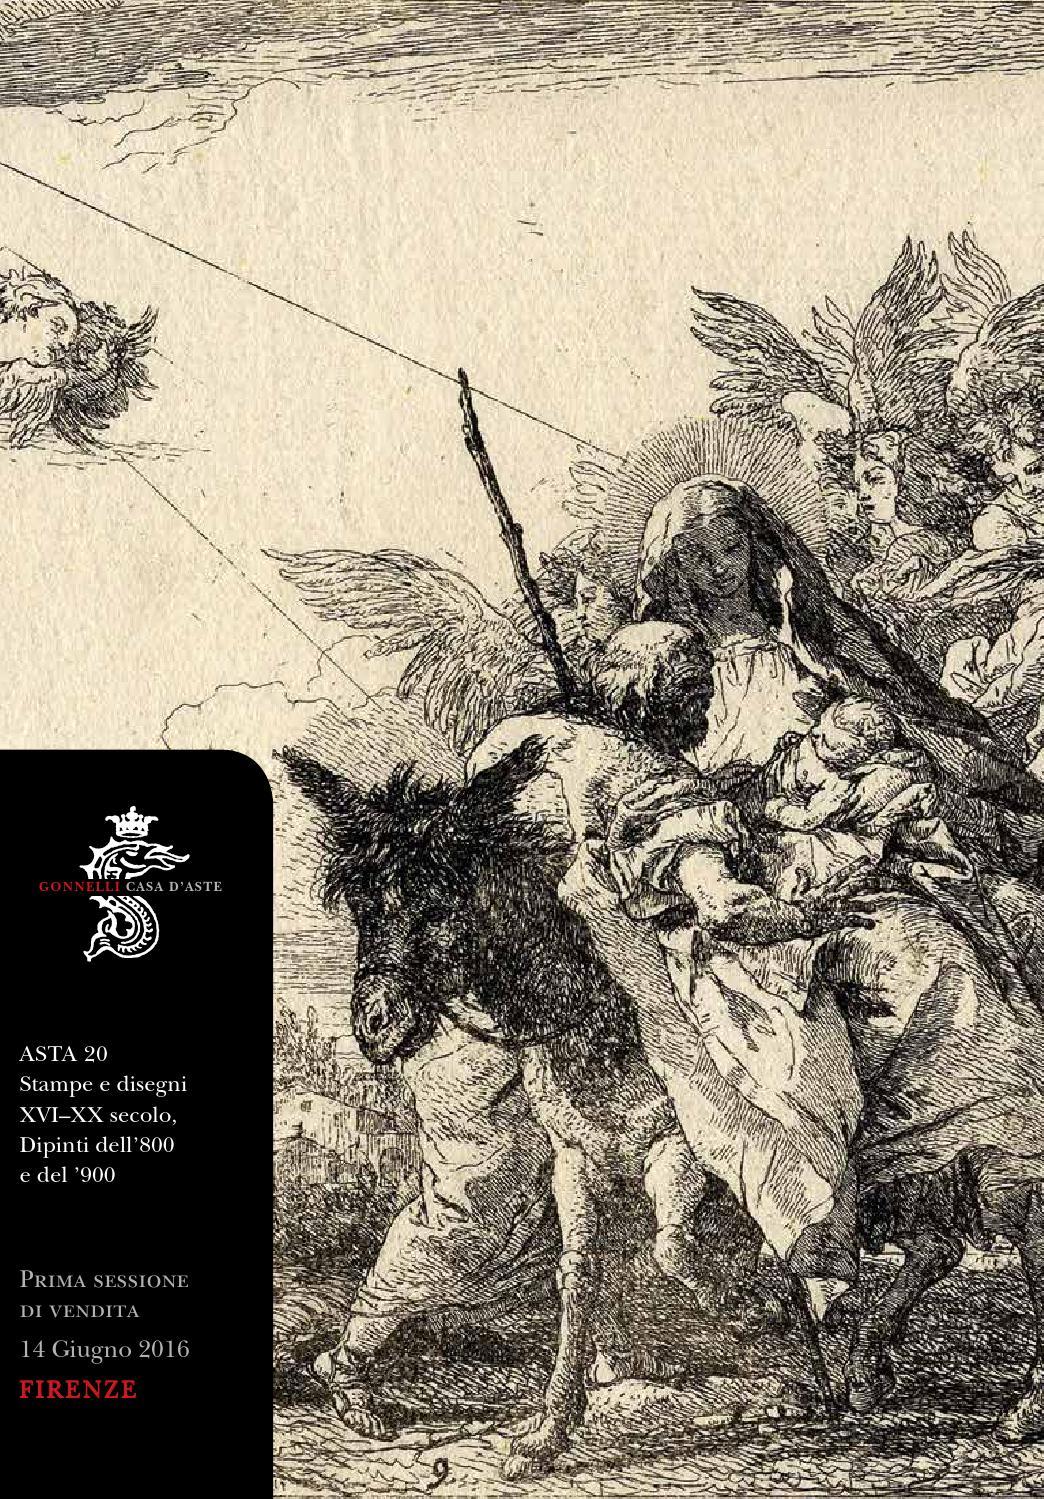 Asta 0020 stampe e disegni xvi xx secolo, dipinti dell'800 e del ...